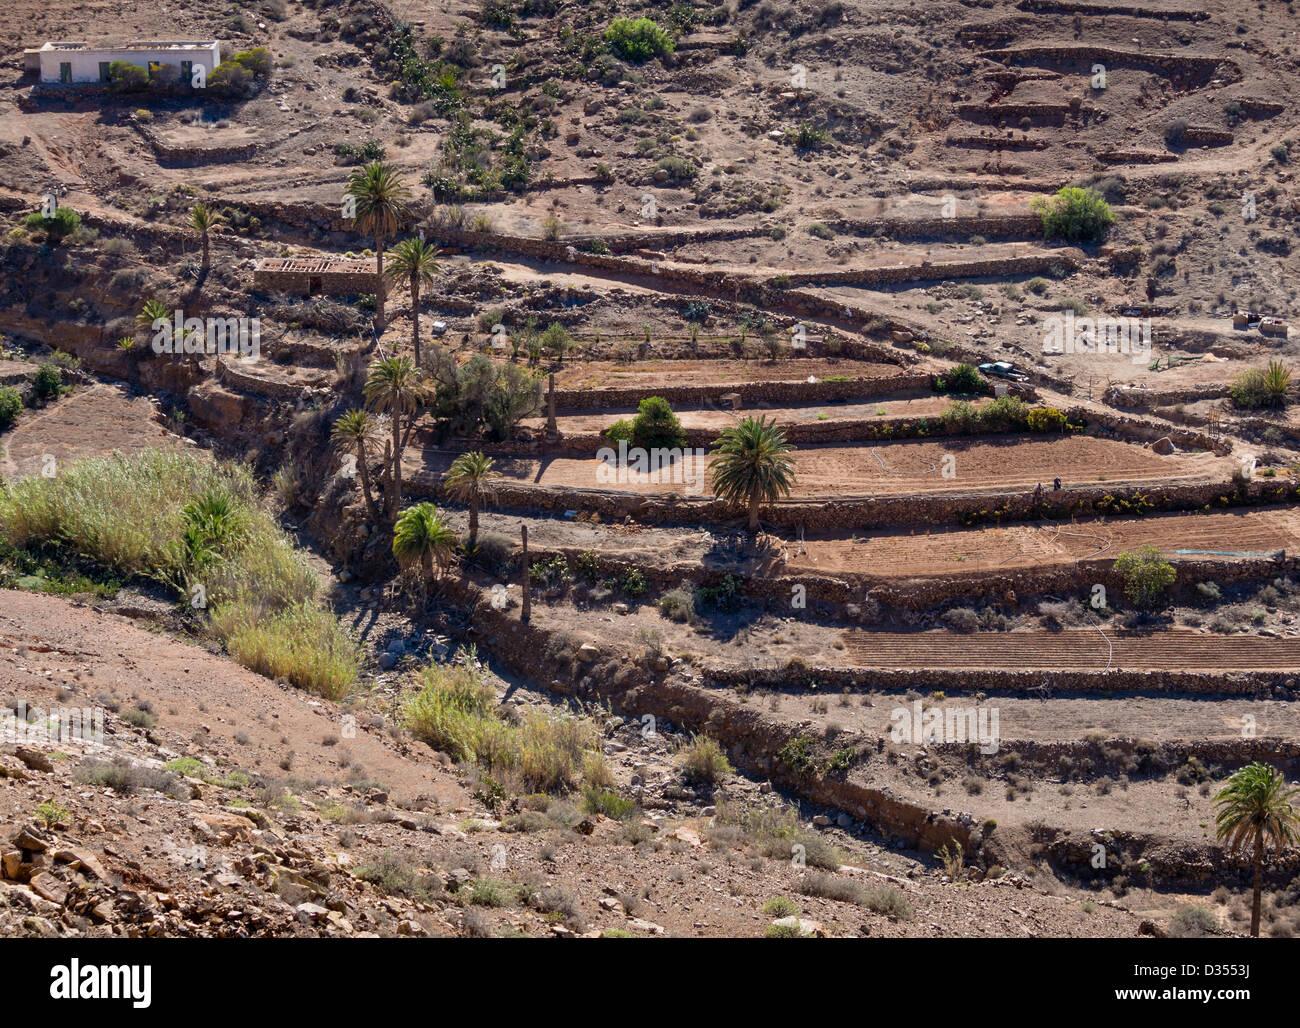 Eine Oase im Parque Rural de Betancuria, Fuerteventura. Stockbild